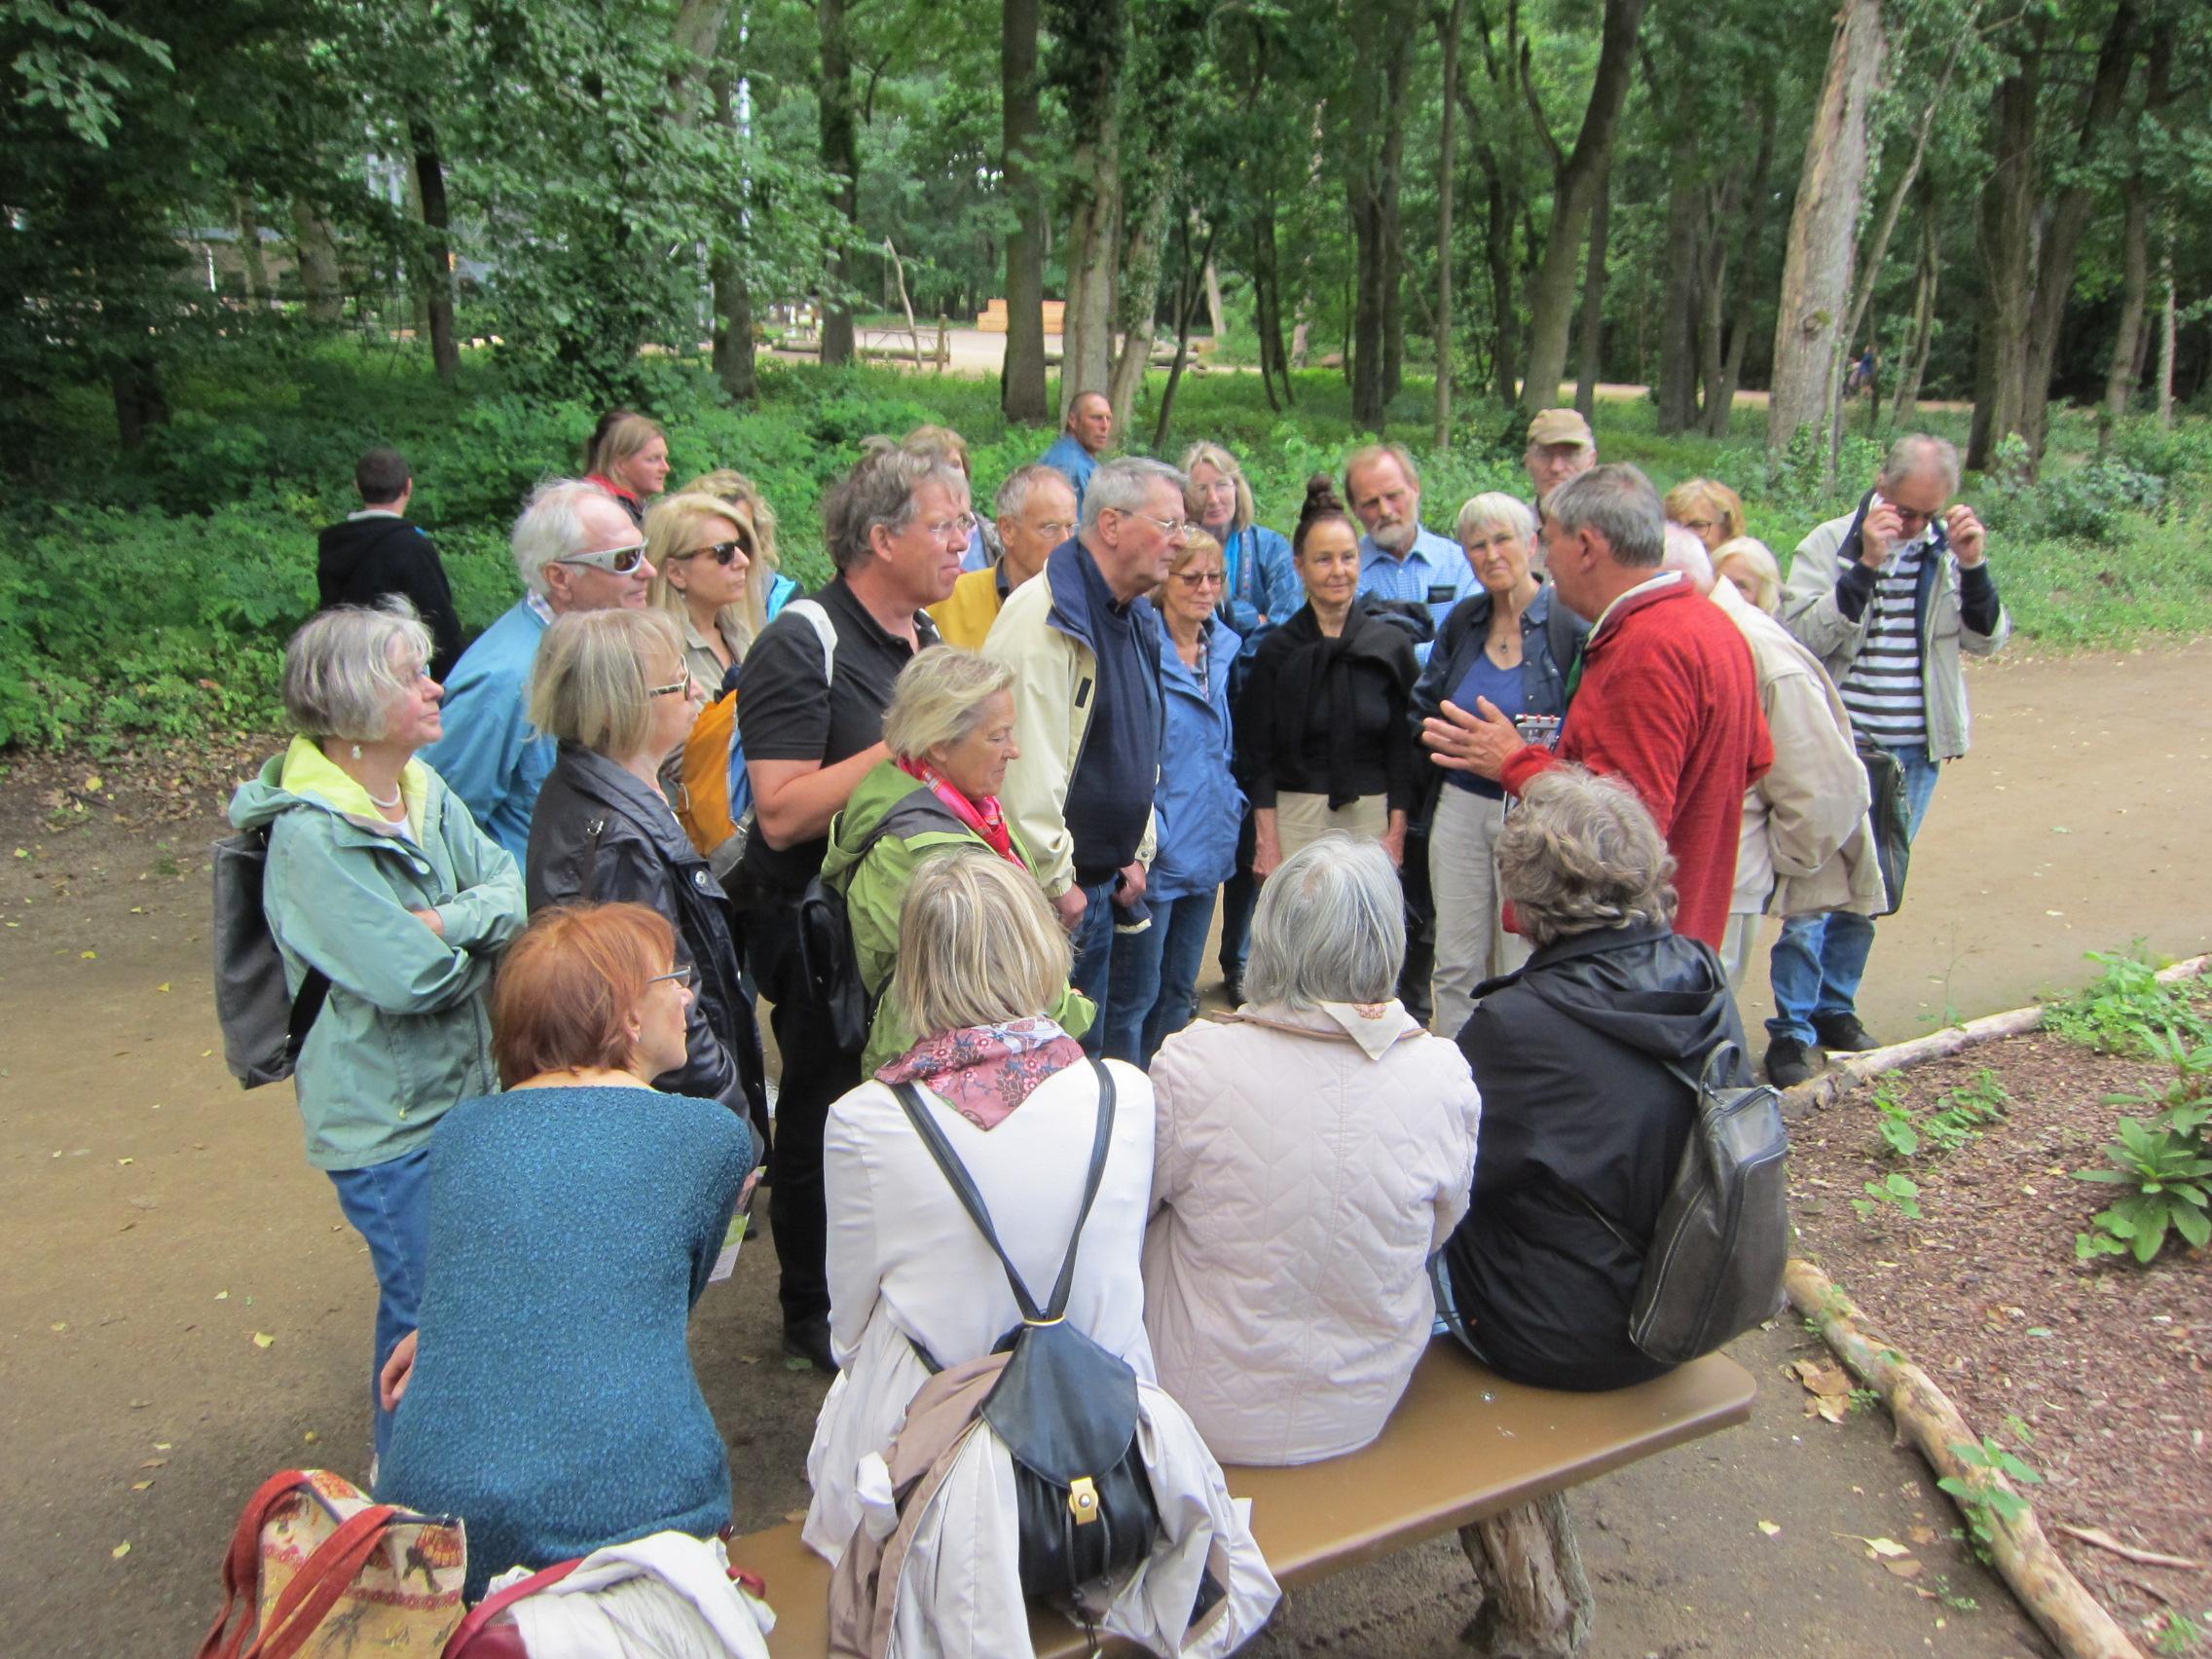 Kulturausflüge machen Spaß und bilden: Baumkronenpfad über den historischen Beelitzer Heilstätten